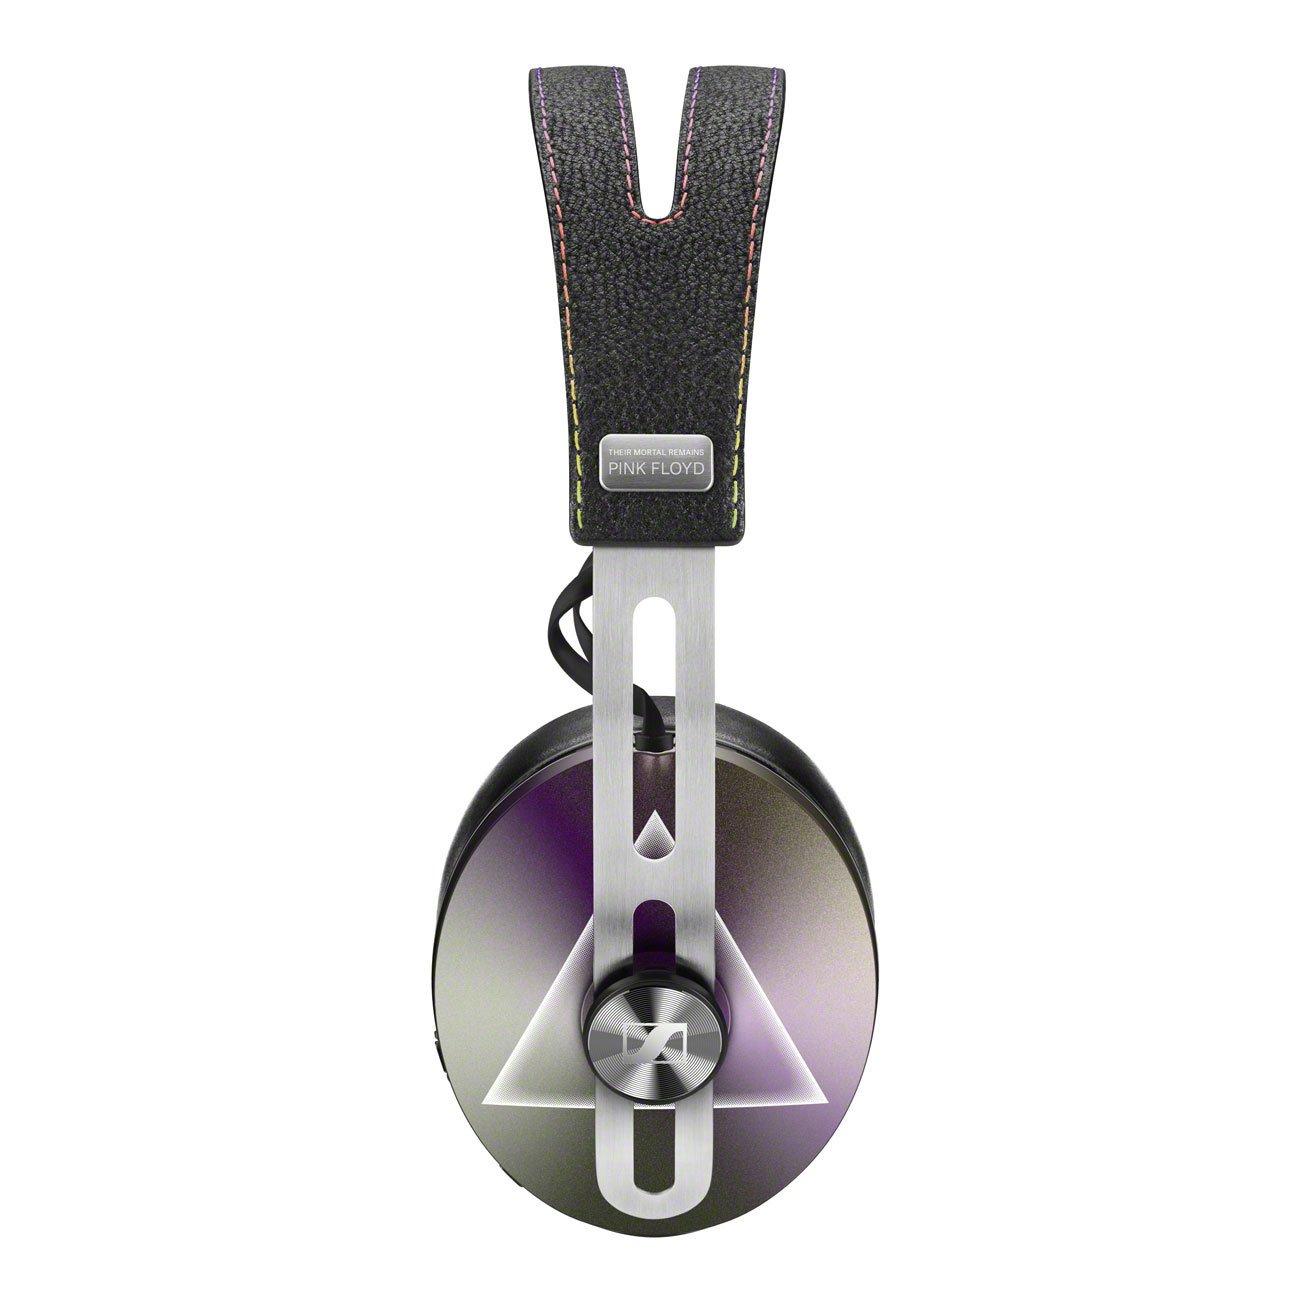 Sennheiser Pink Floyd Product Sennheiser Takes Headphones To The Dark Side of the Moon